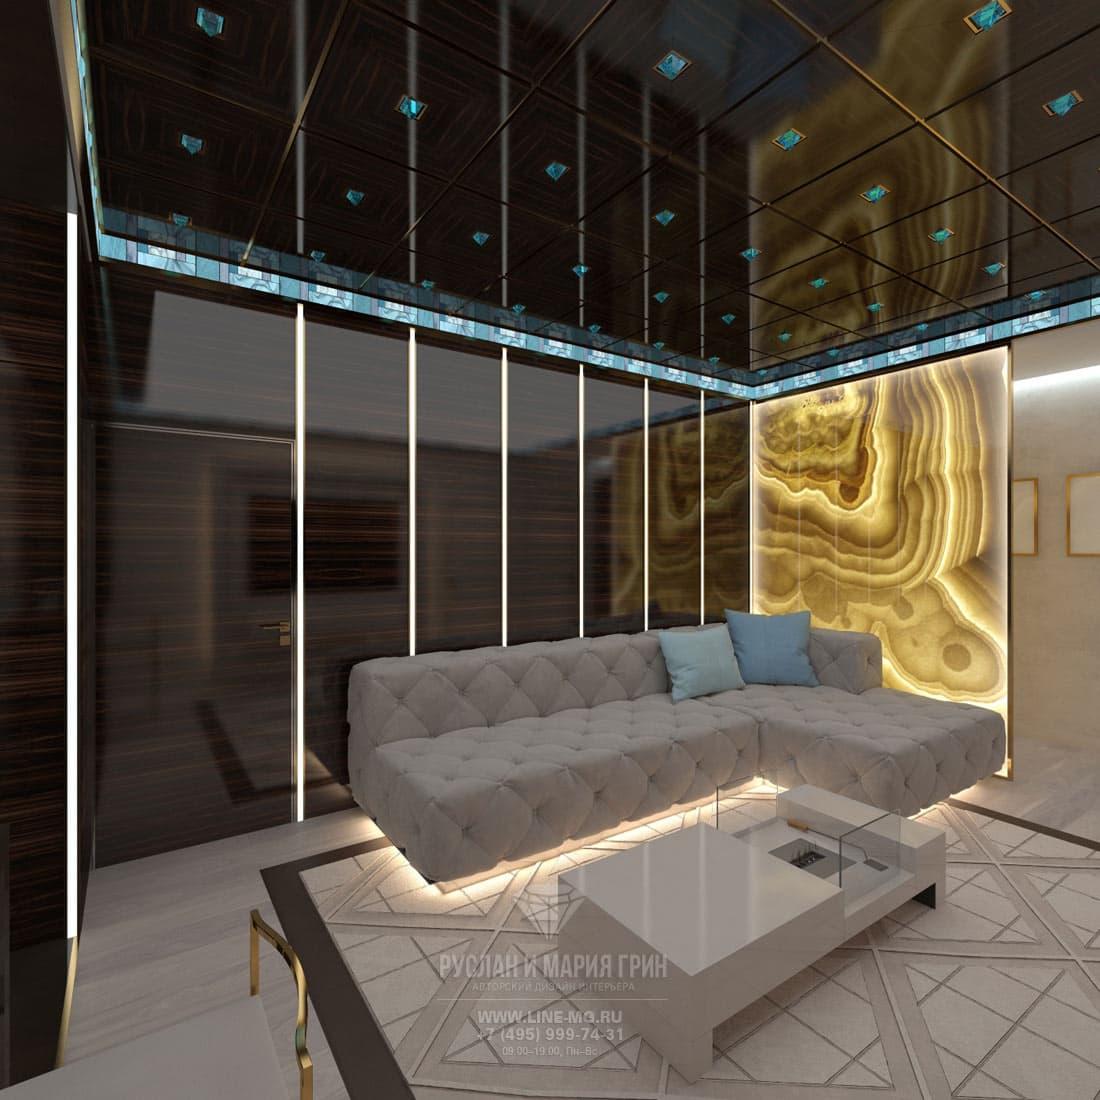 Дизайн красивой квартиры. Фото интерьера гостиной в стиле арт-деко